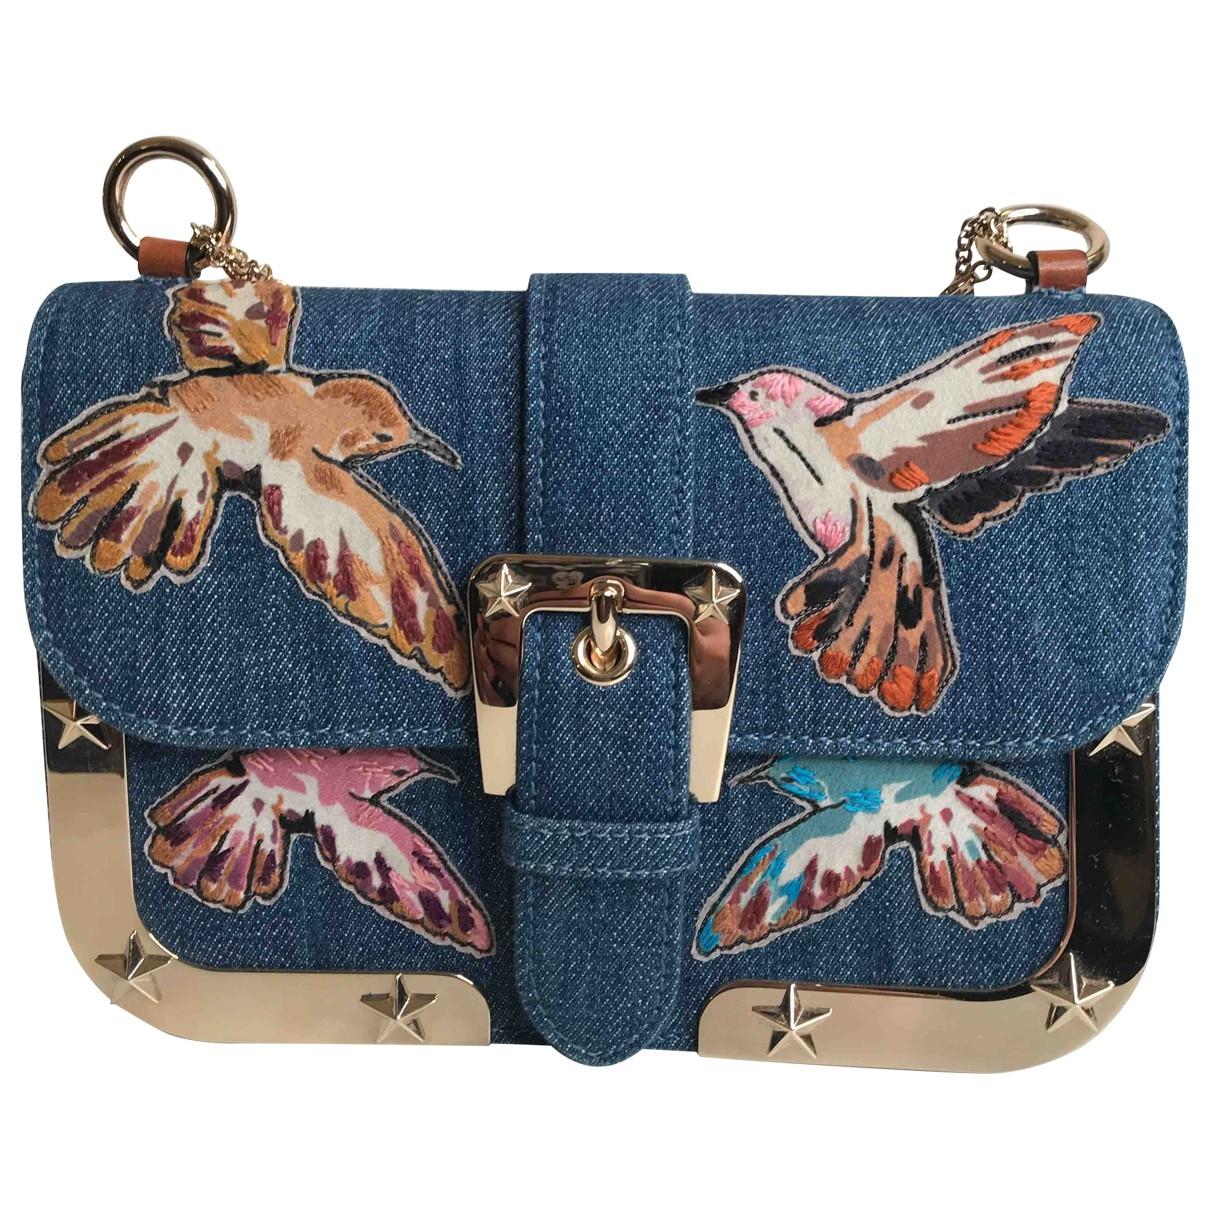 Red Valentino Garavani \N Handtasche in  Blau Denim - Jeans